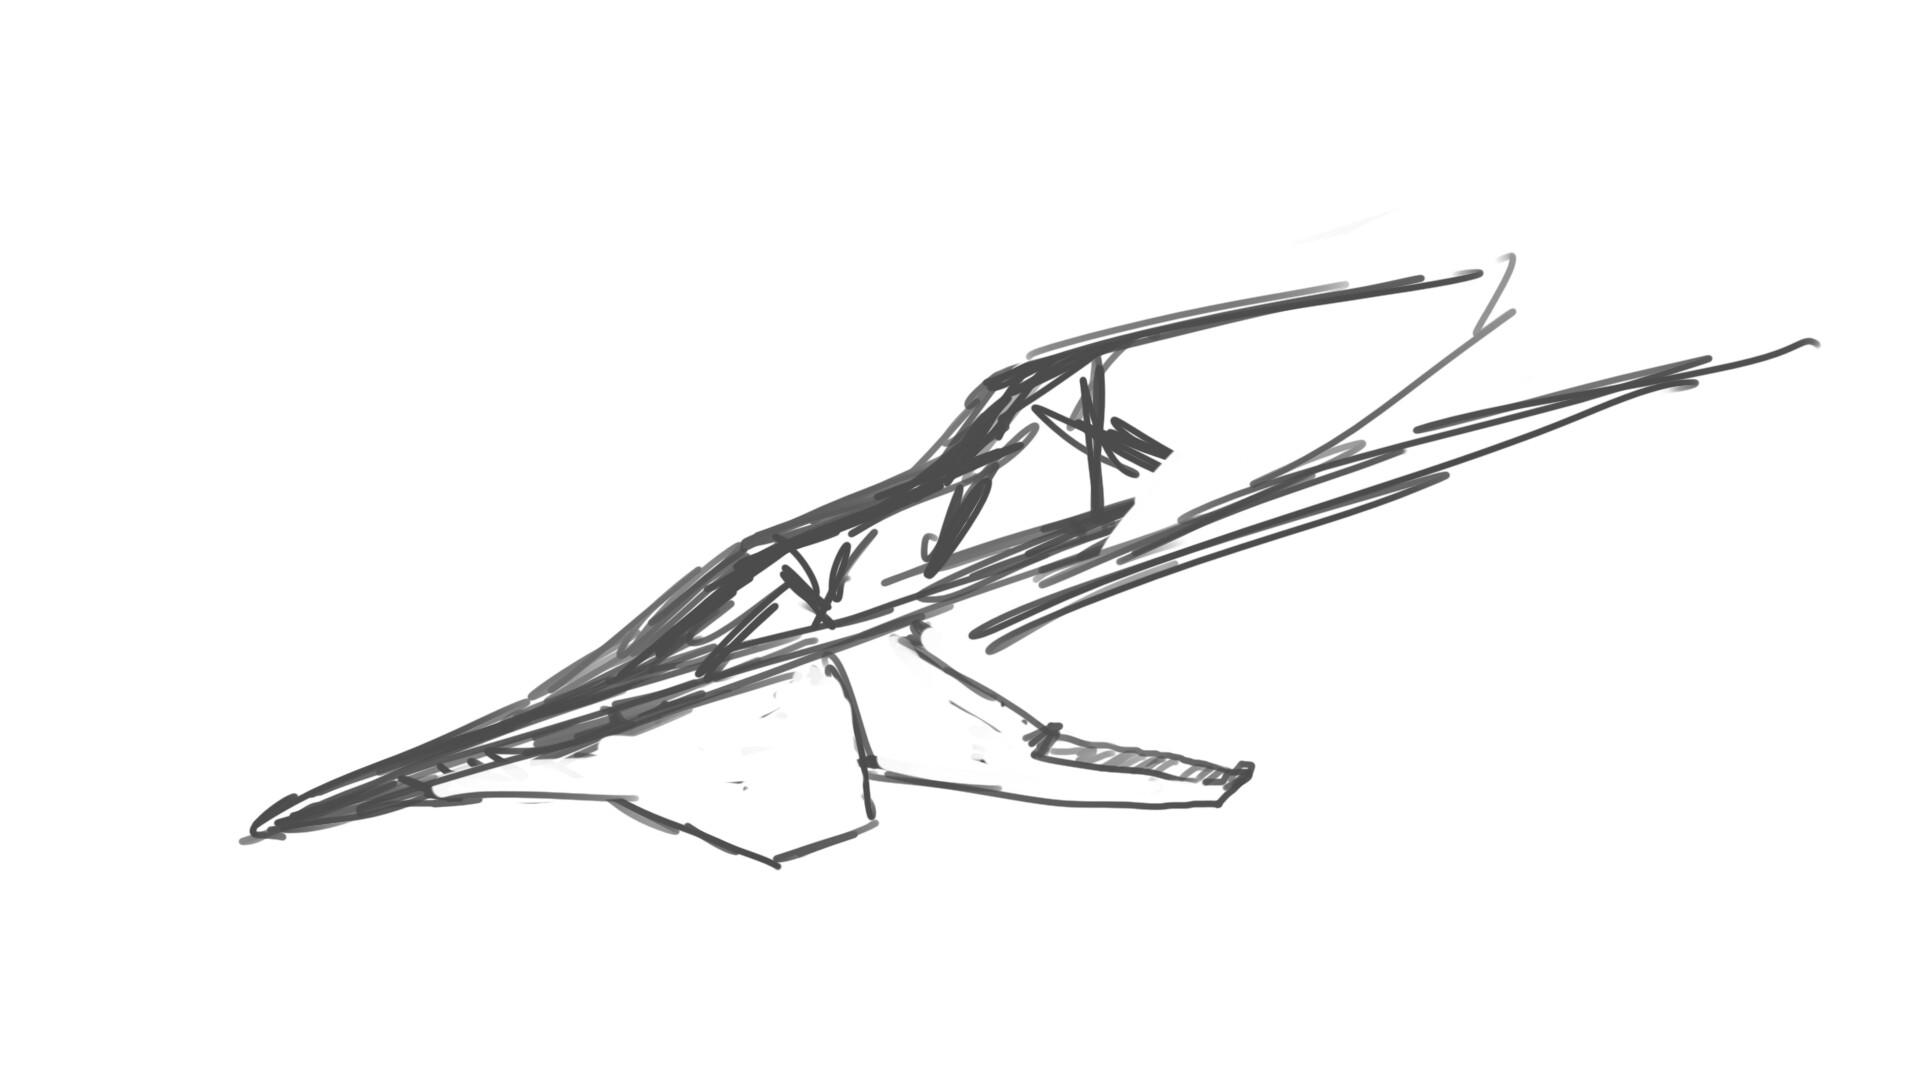 Alexander laheij drawing11 12